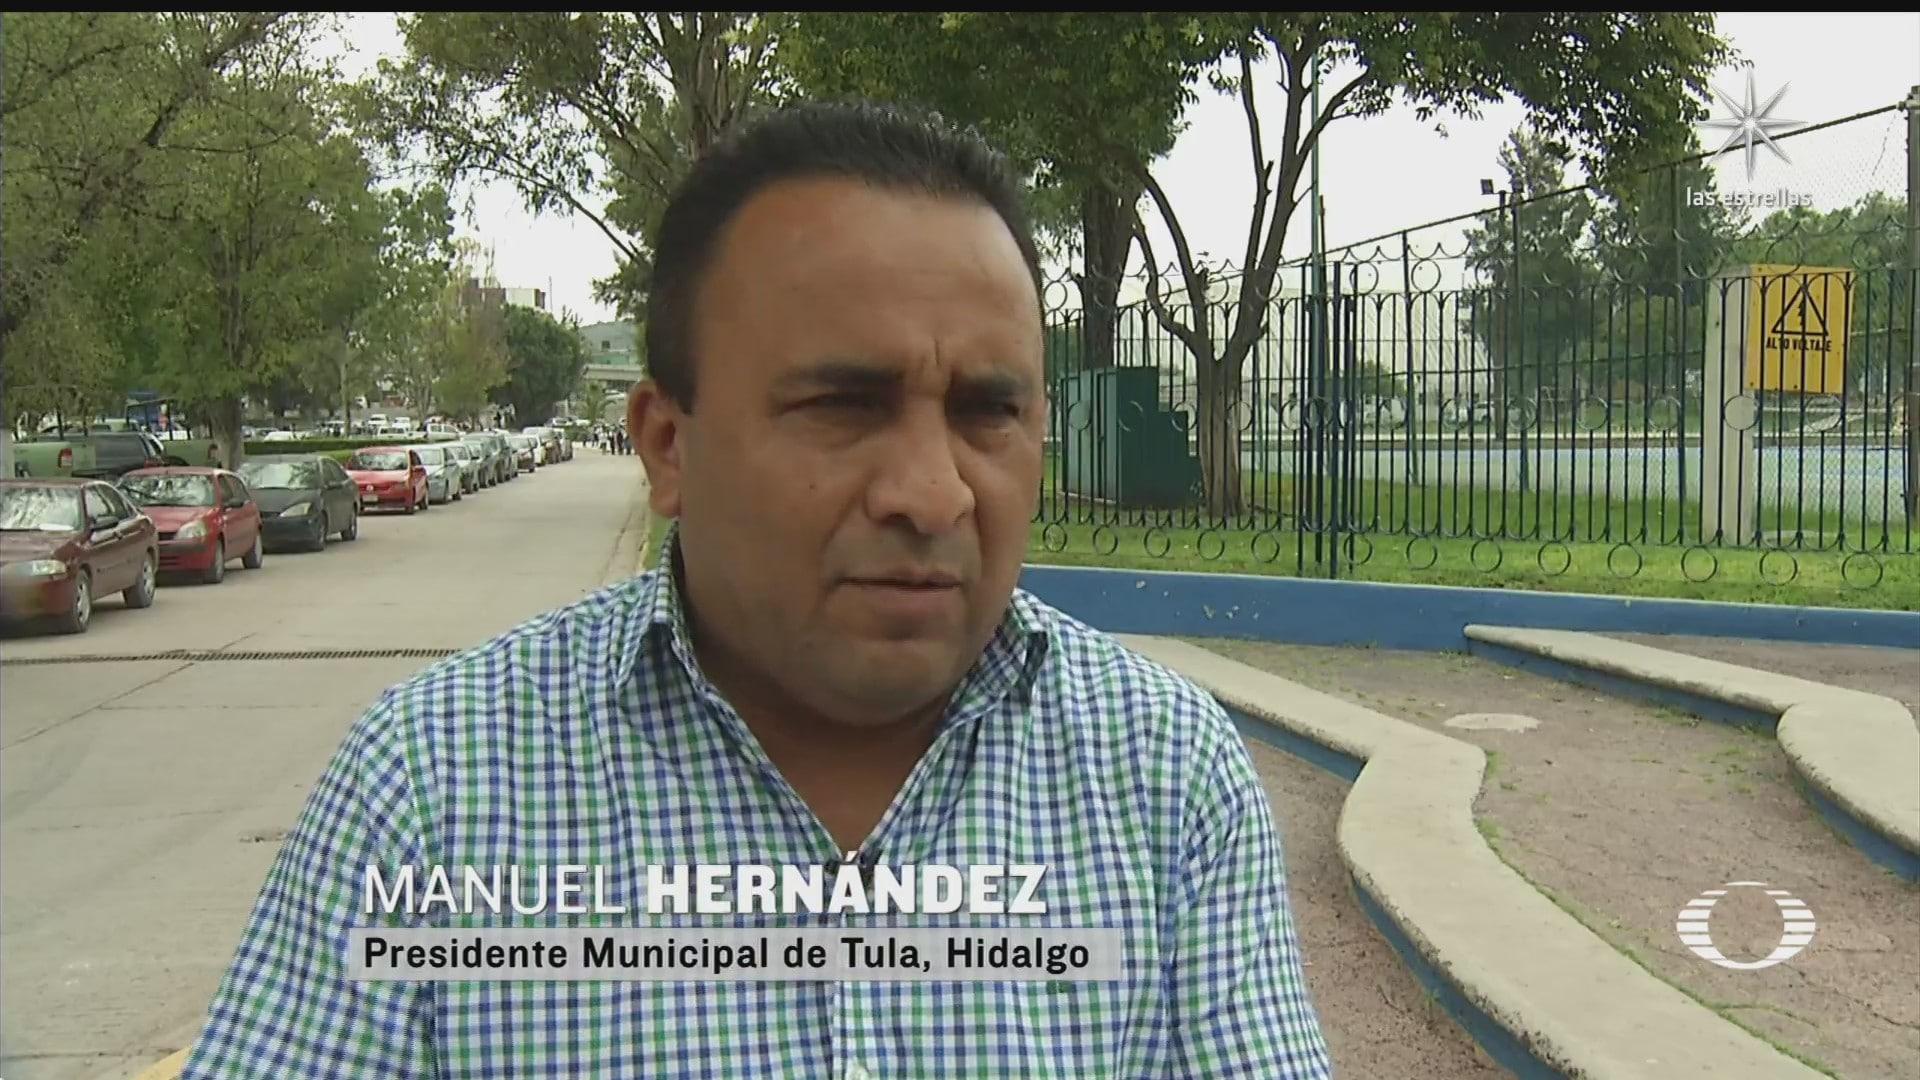 alcalde de tula desmiente que conagua le haya notificado sobre desbordamiento